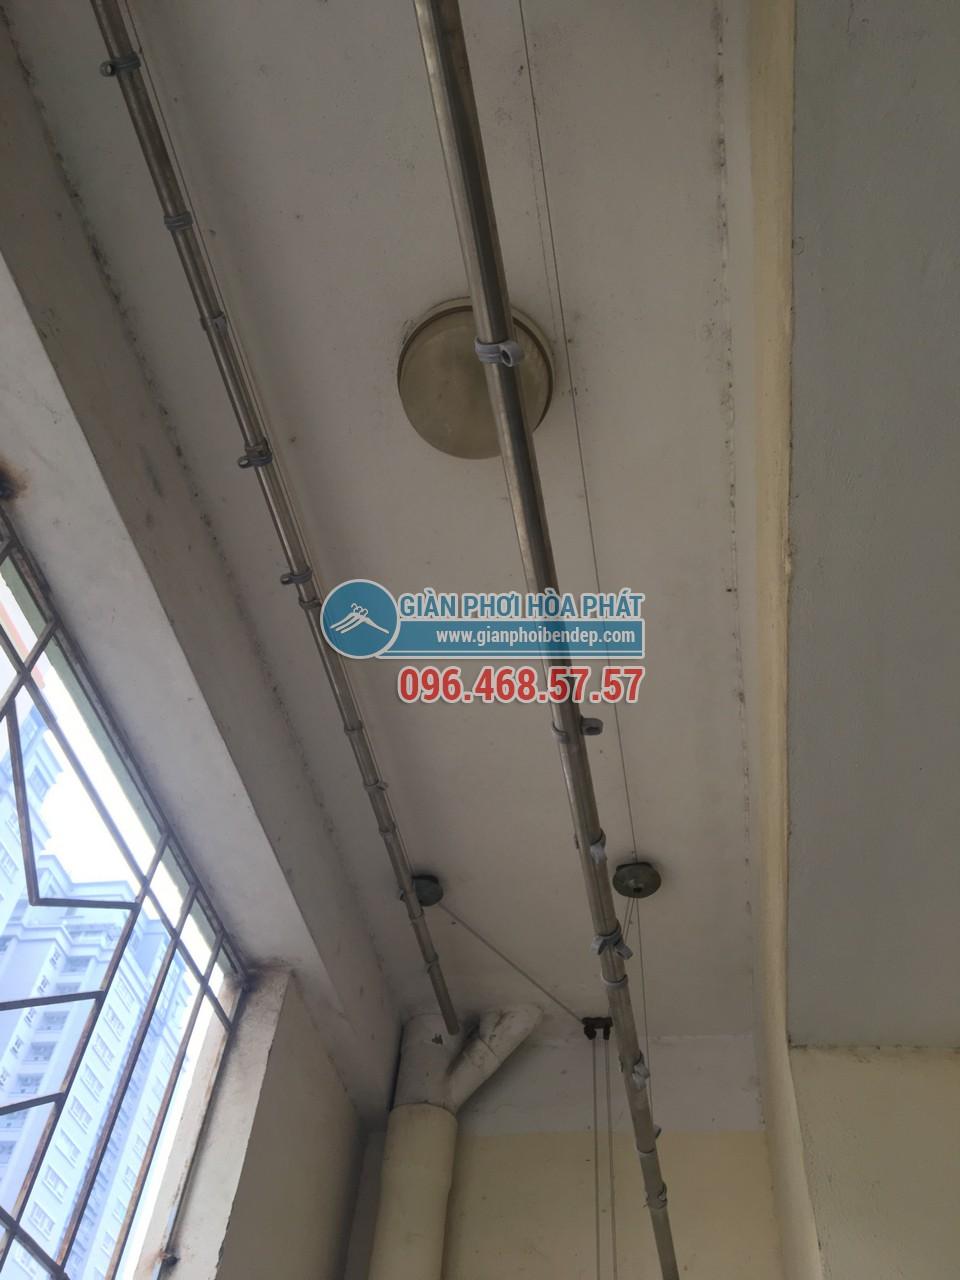 Thay dây cáp cho giàn phơi thông minh nhà chị Hường, P805, Tòa CT4-5, KĐT Yên Hòa